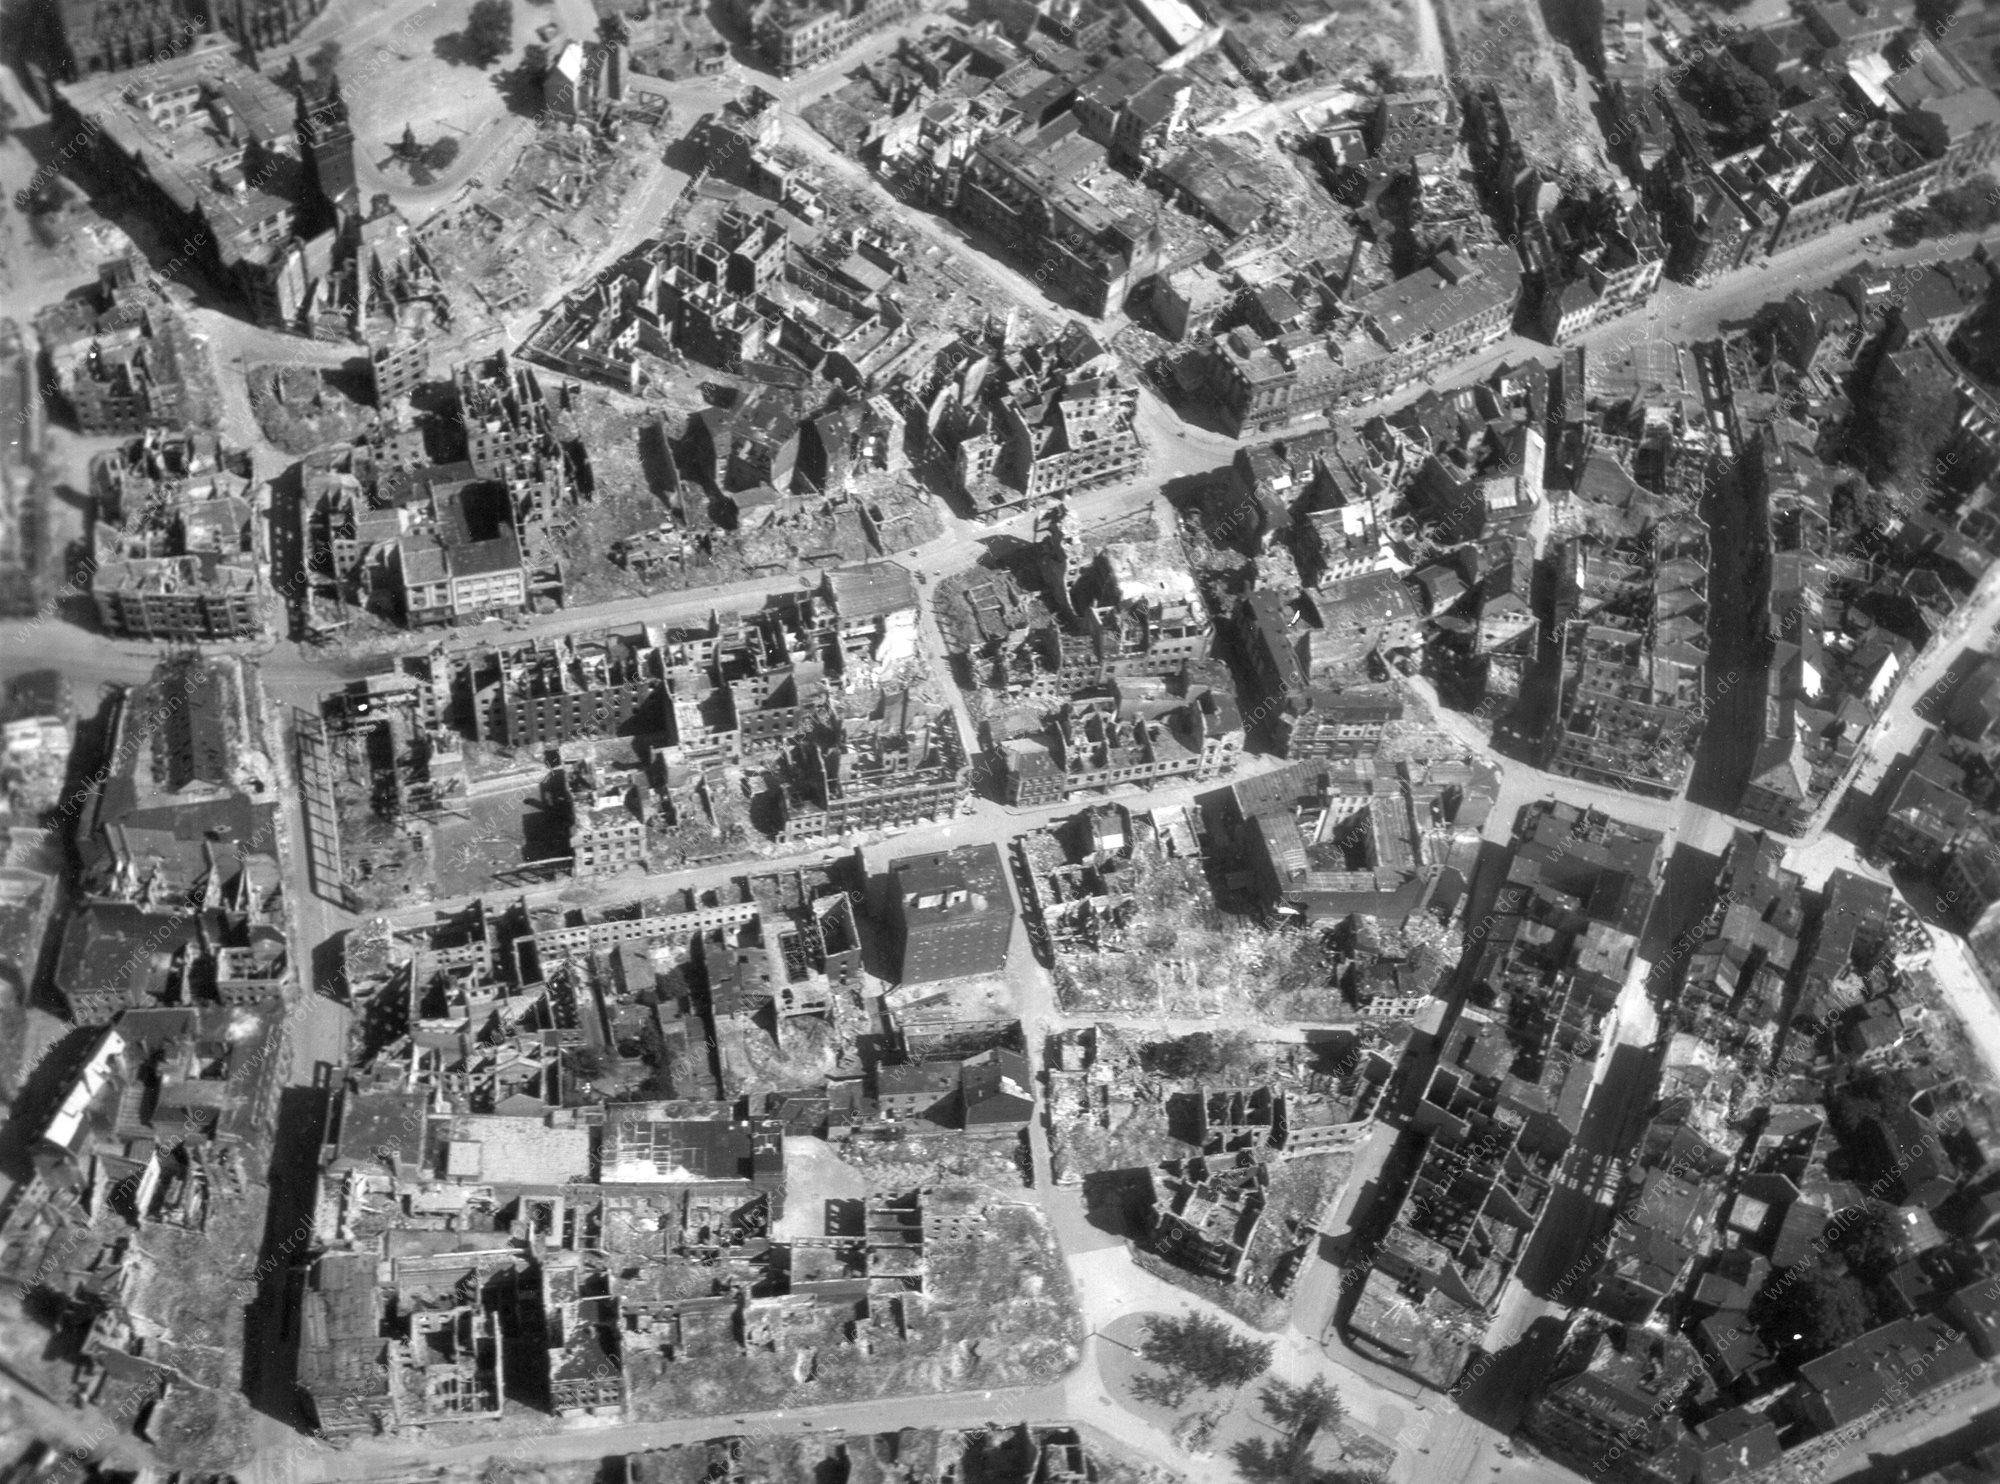 Duisburg Luftbild im Zweiten Weltkrieg